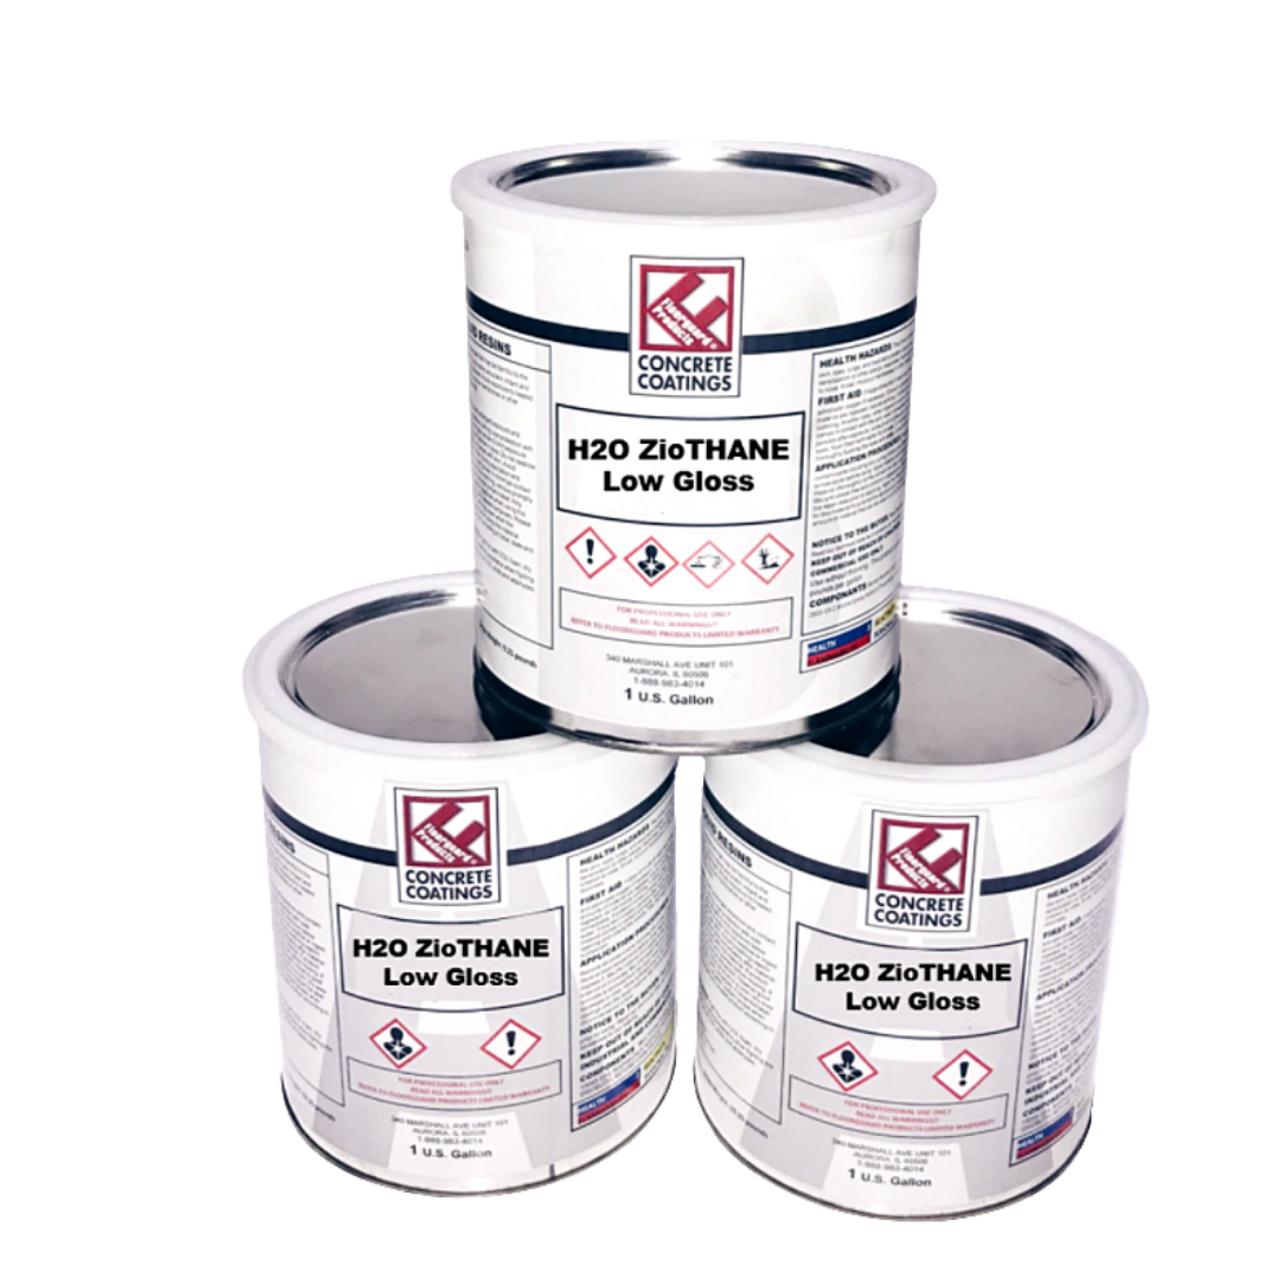 H2O ZioTHANE (Low Gloss) - 3 Gallon Kit